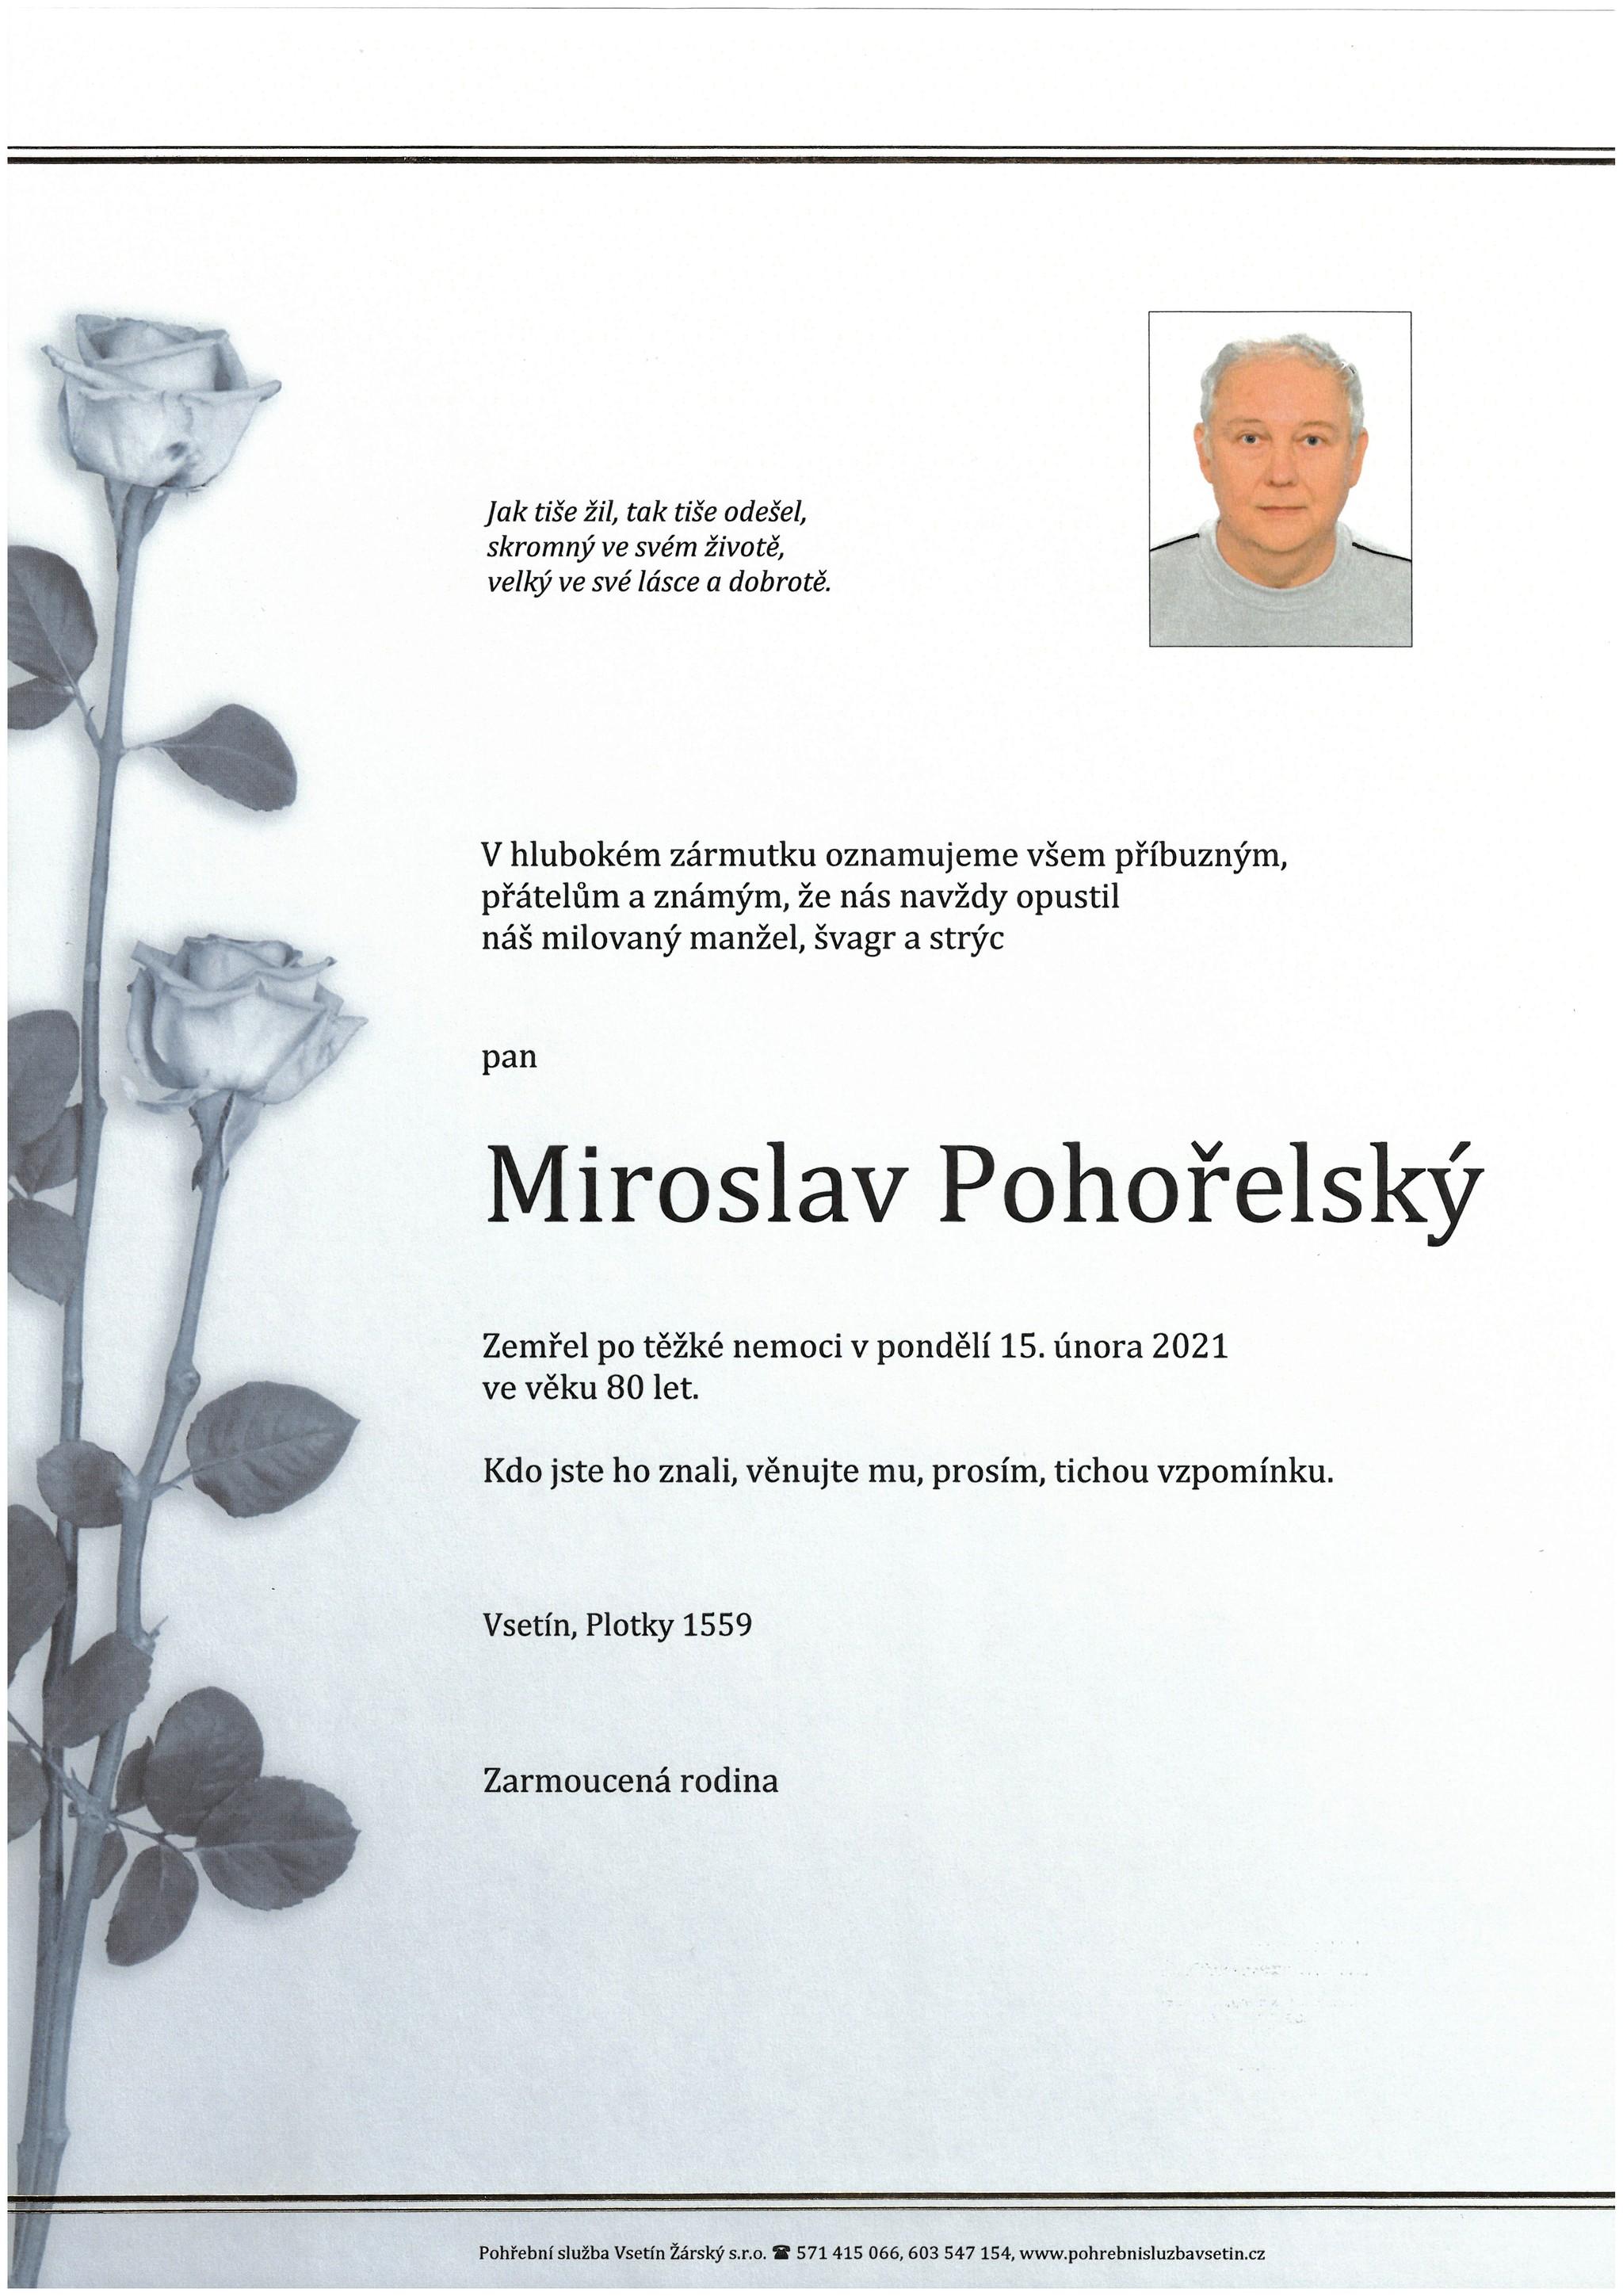 Miroslav Pohořelský